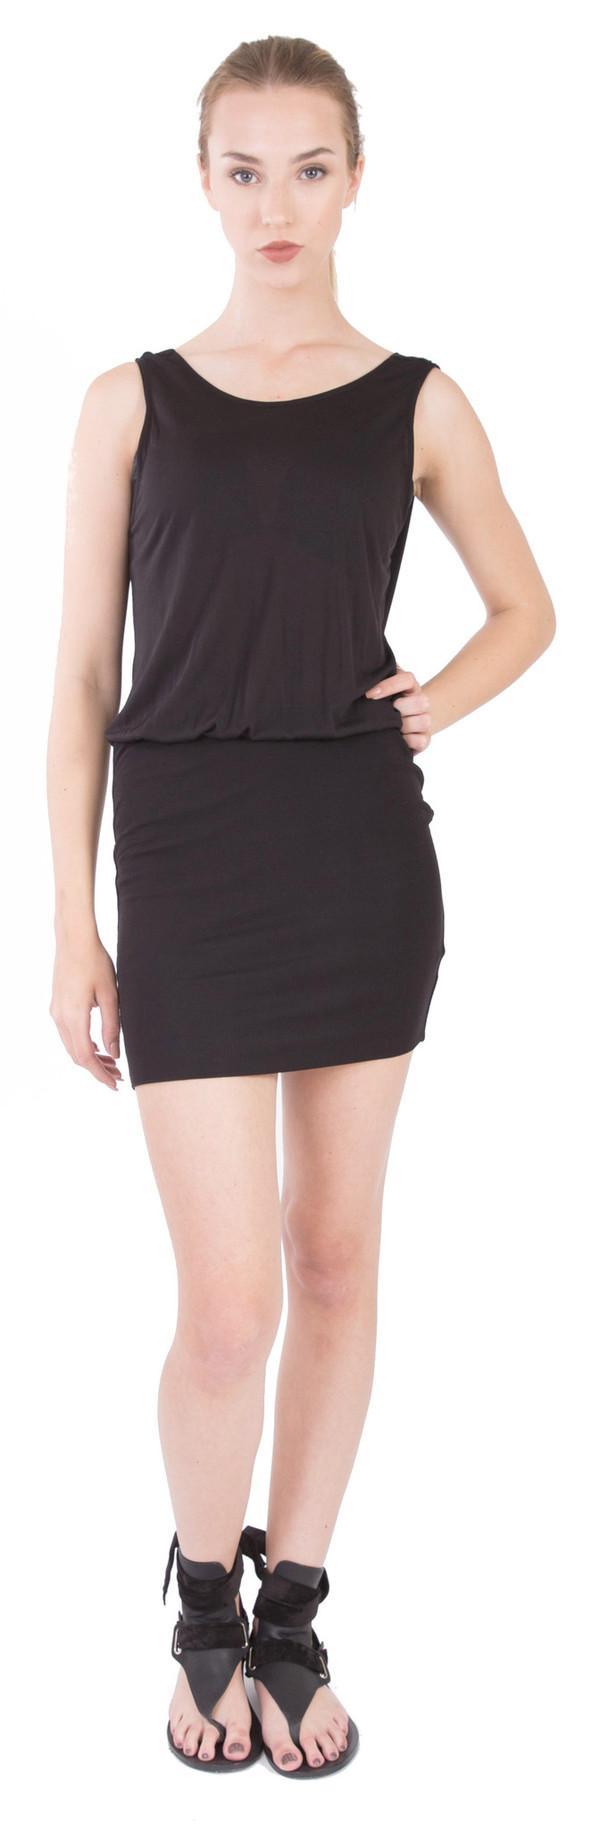 Lanston Drape Back Mini Dress